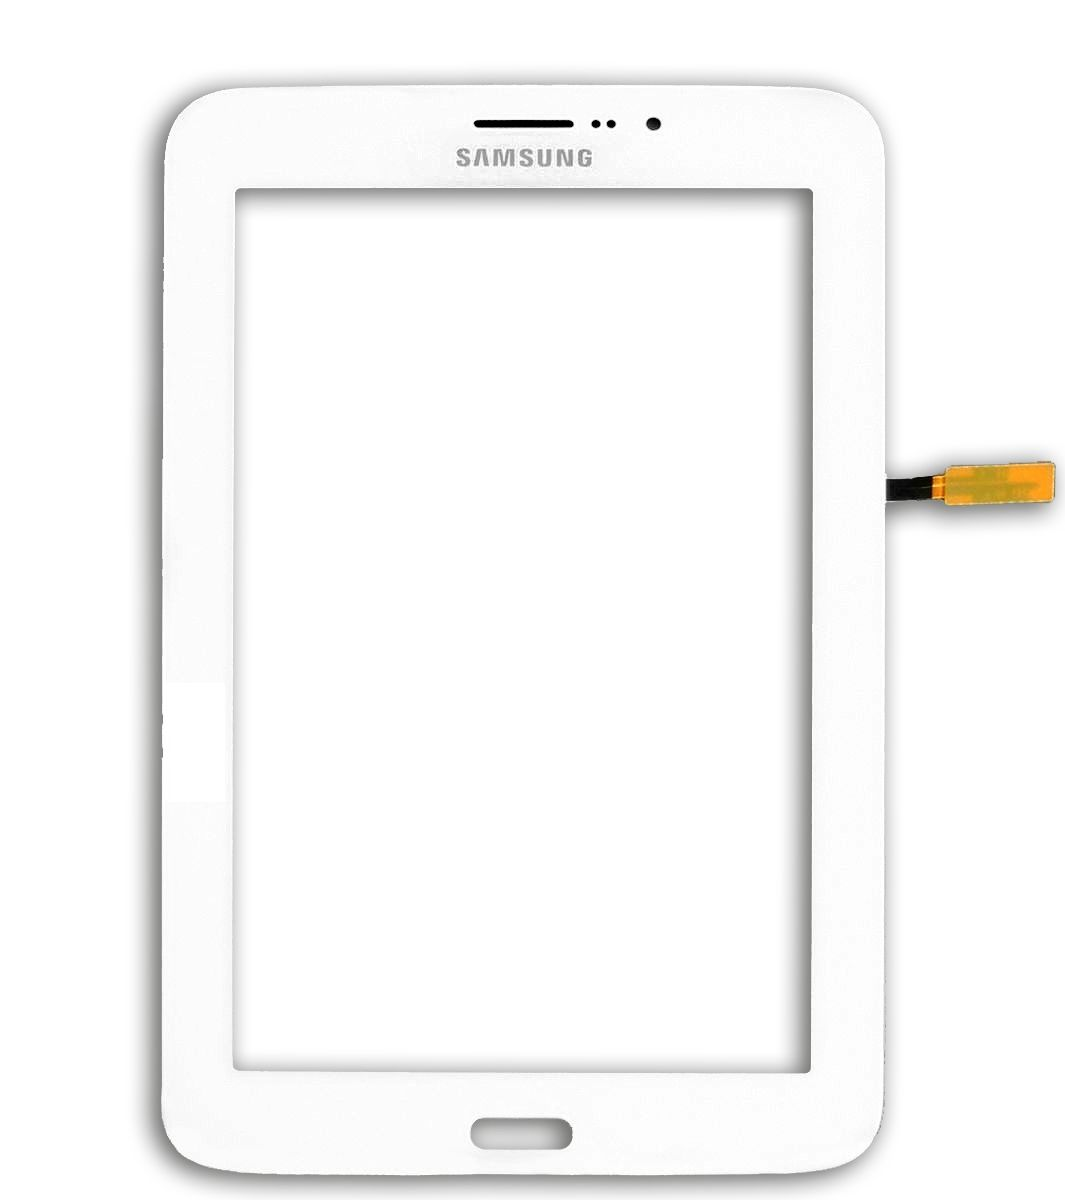 Tela Vidro Touch Screen Tablet   Samsung Galaxy Tablet Sm-t111 T111 Tab 3 Branco